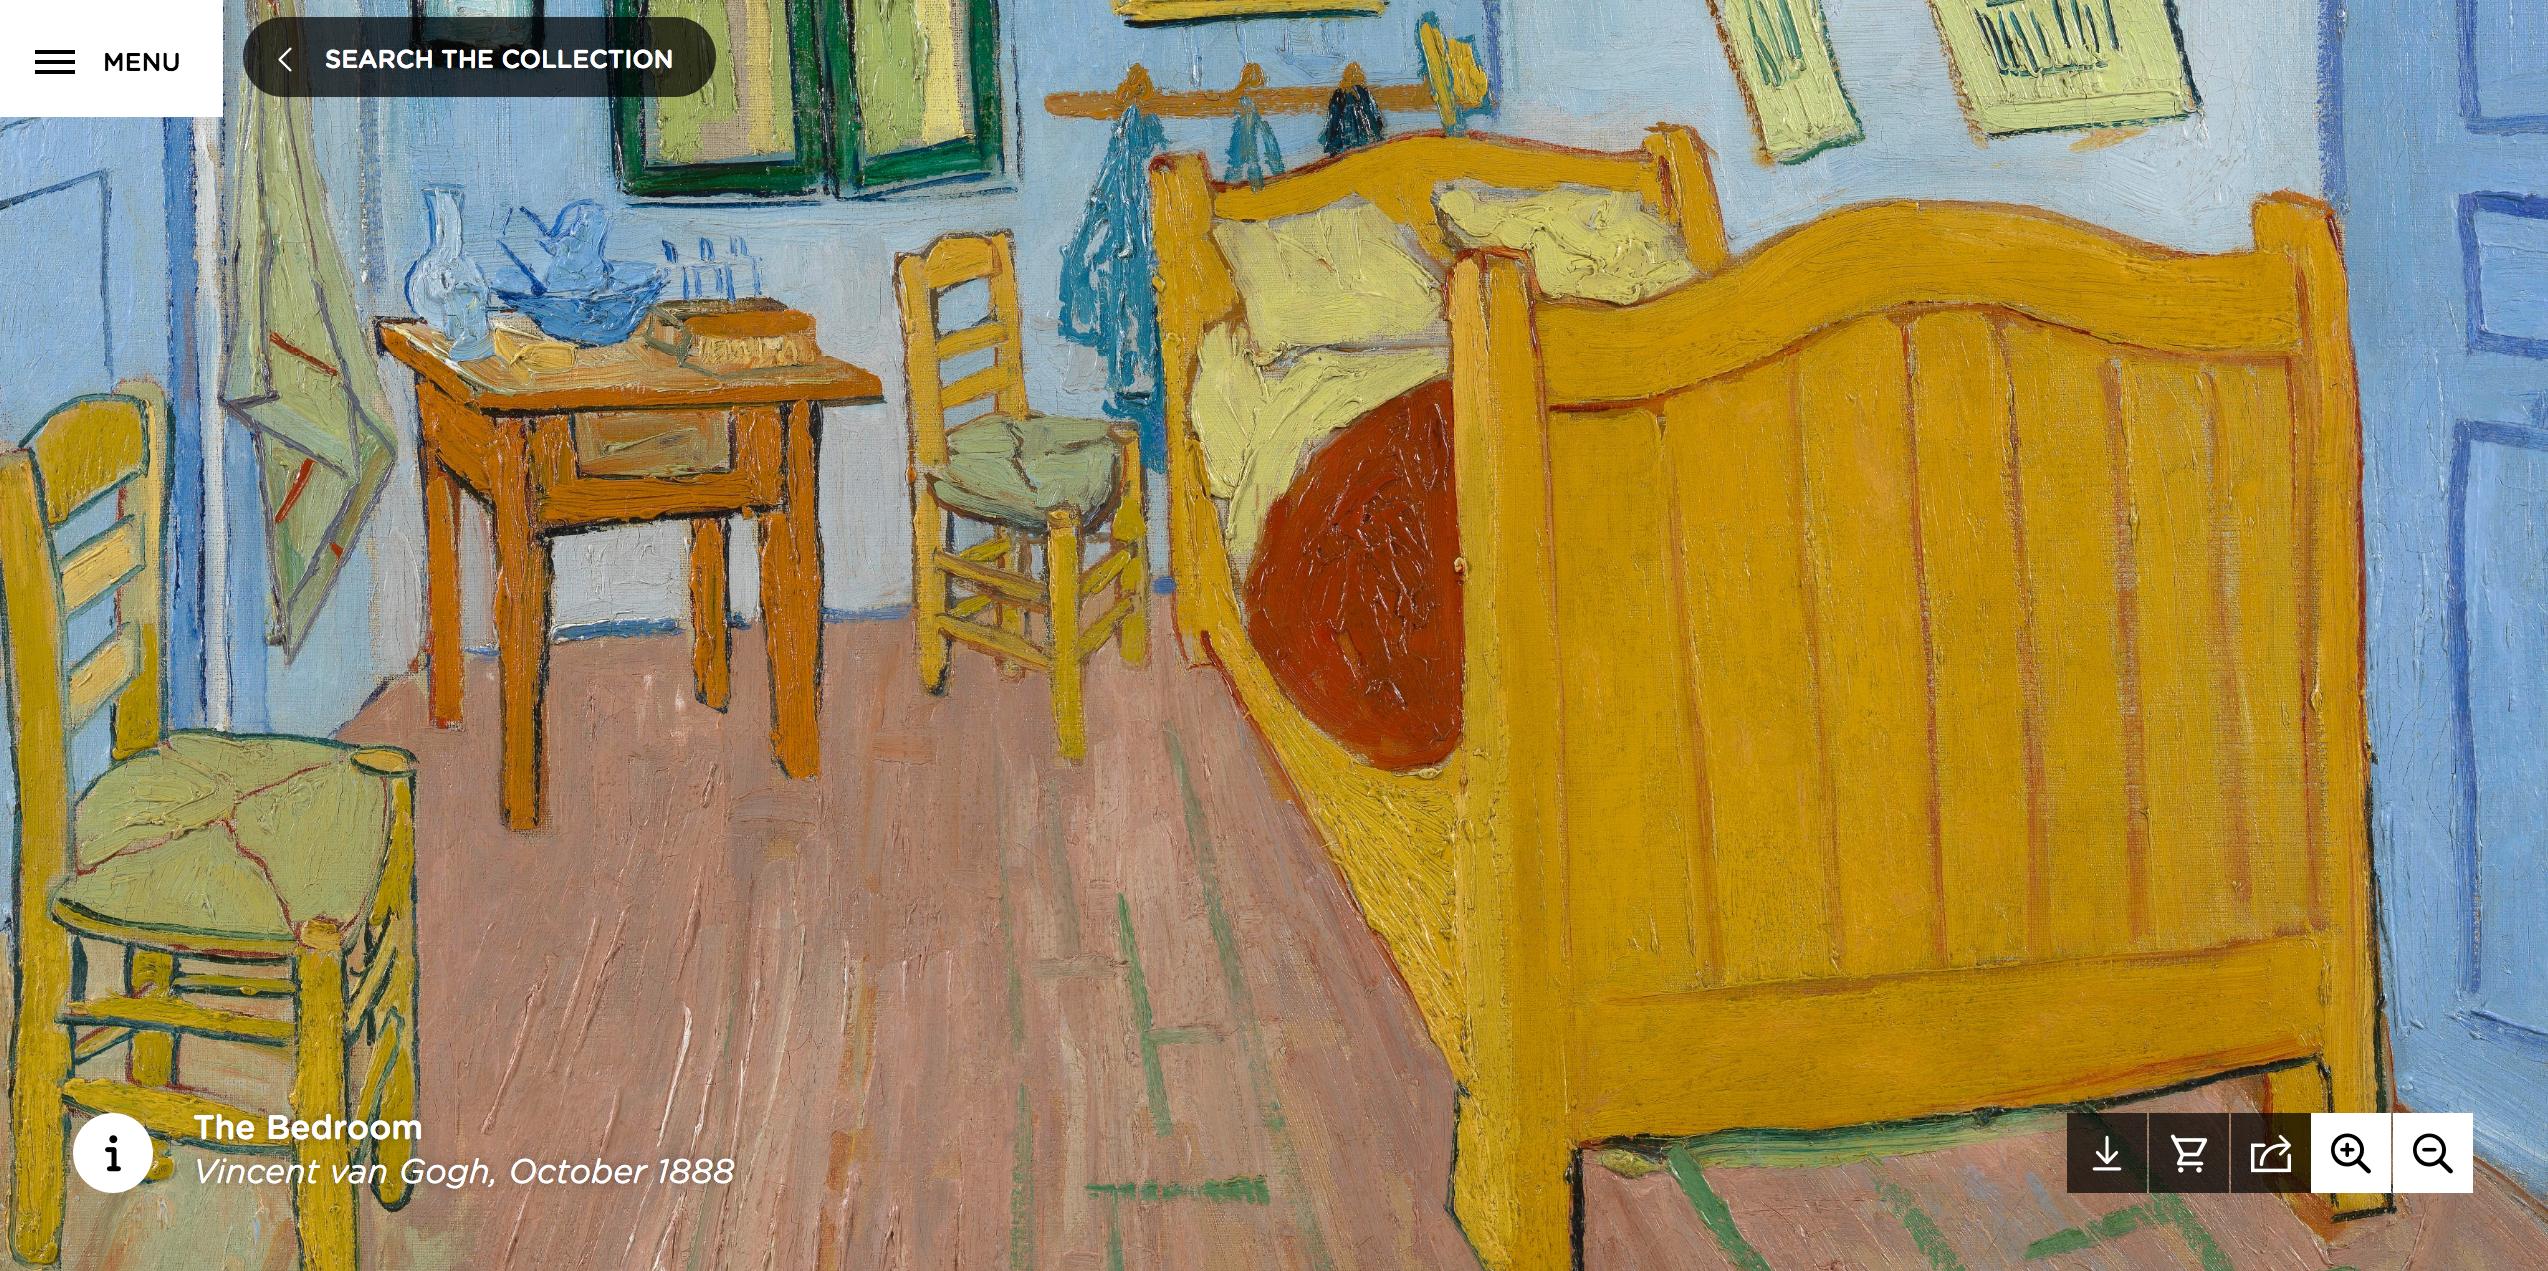 Toutes les peintures de Vincent Van Gogh sont téléchargeables